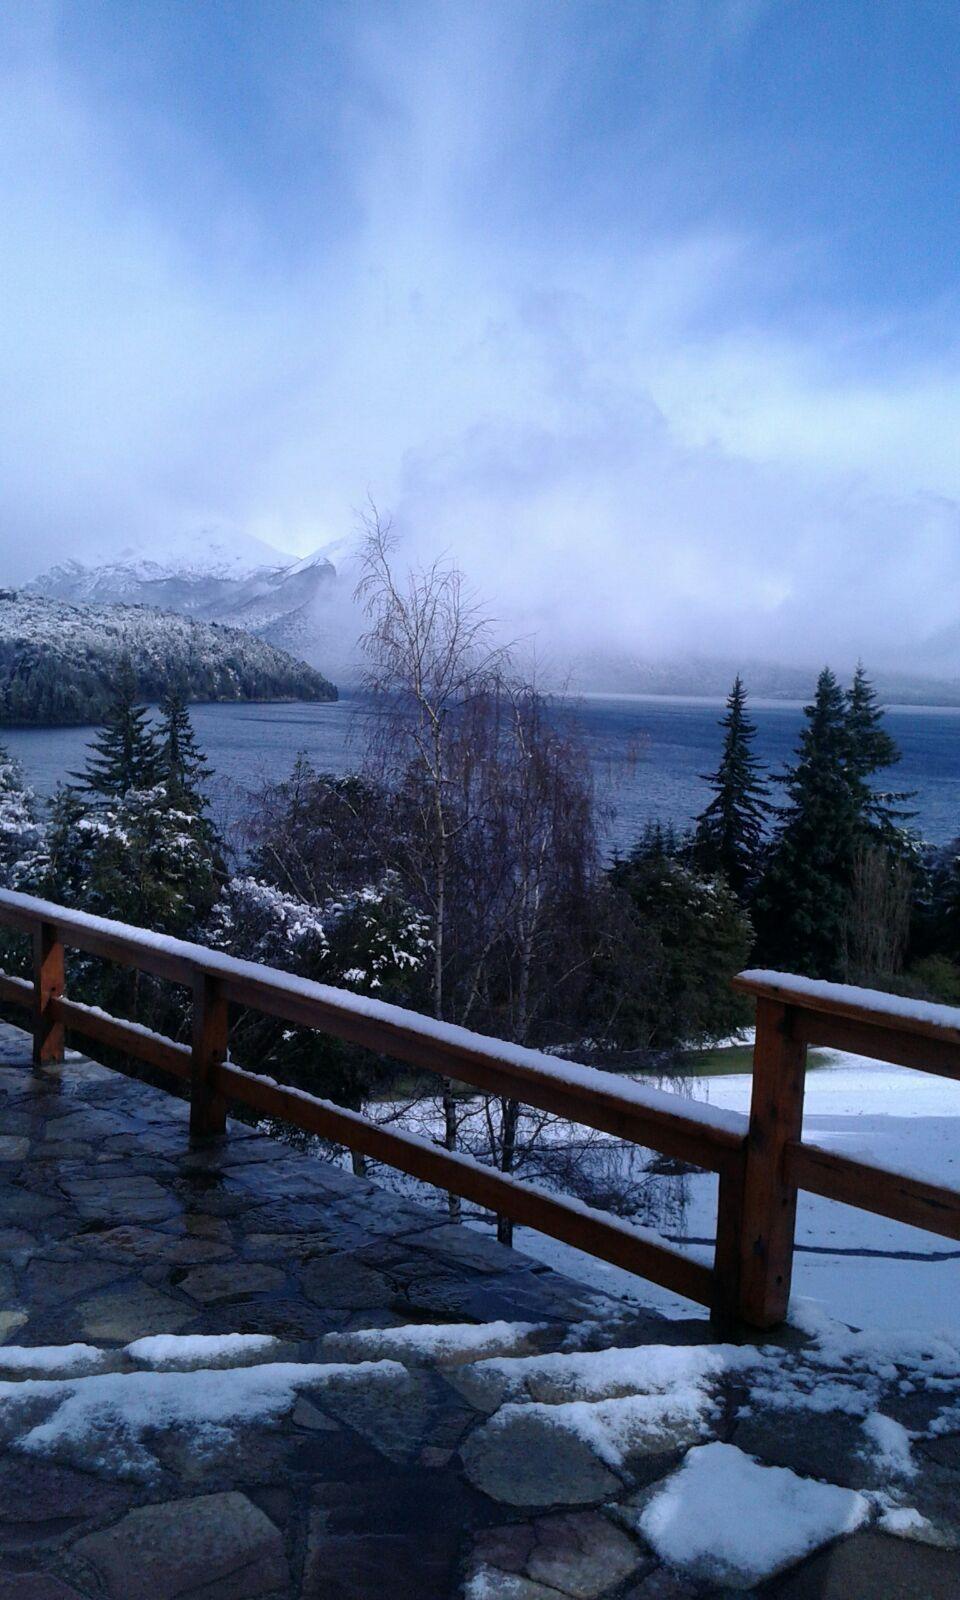 La nieve sobre el Lago Nahuel Huapi y las montañas, como la vimos desde el Tunquelén. #Bariloche